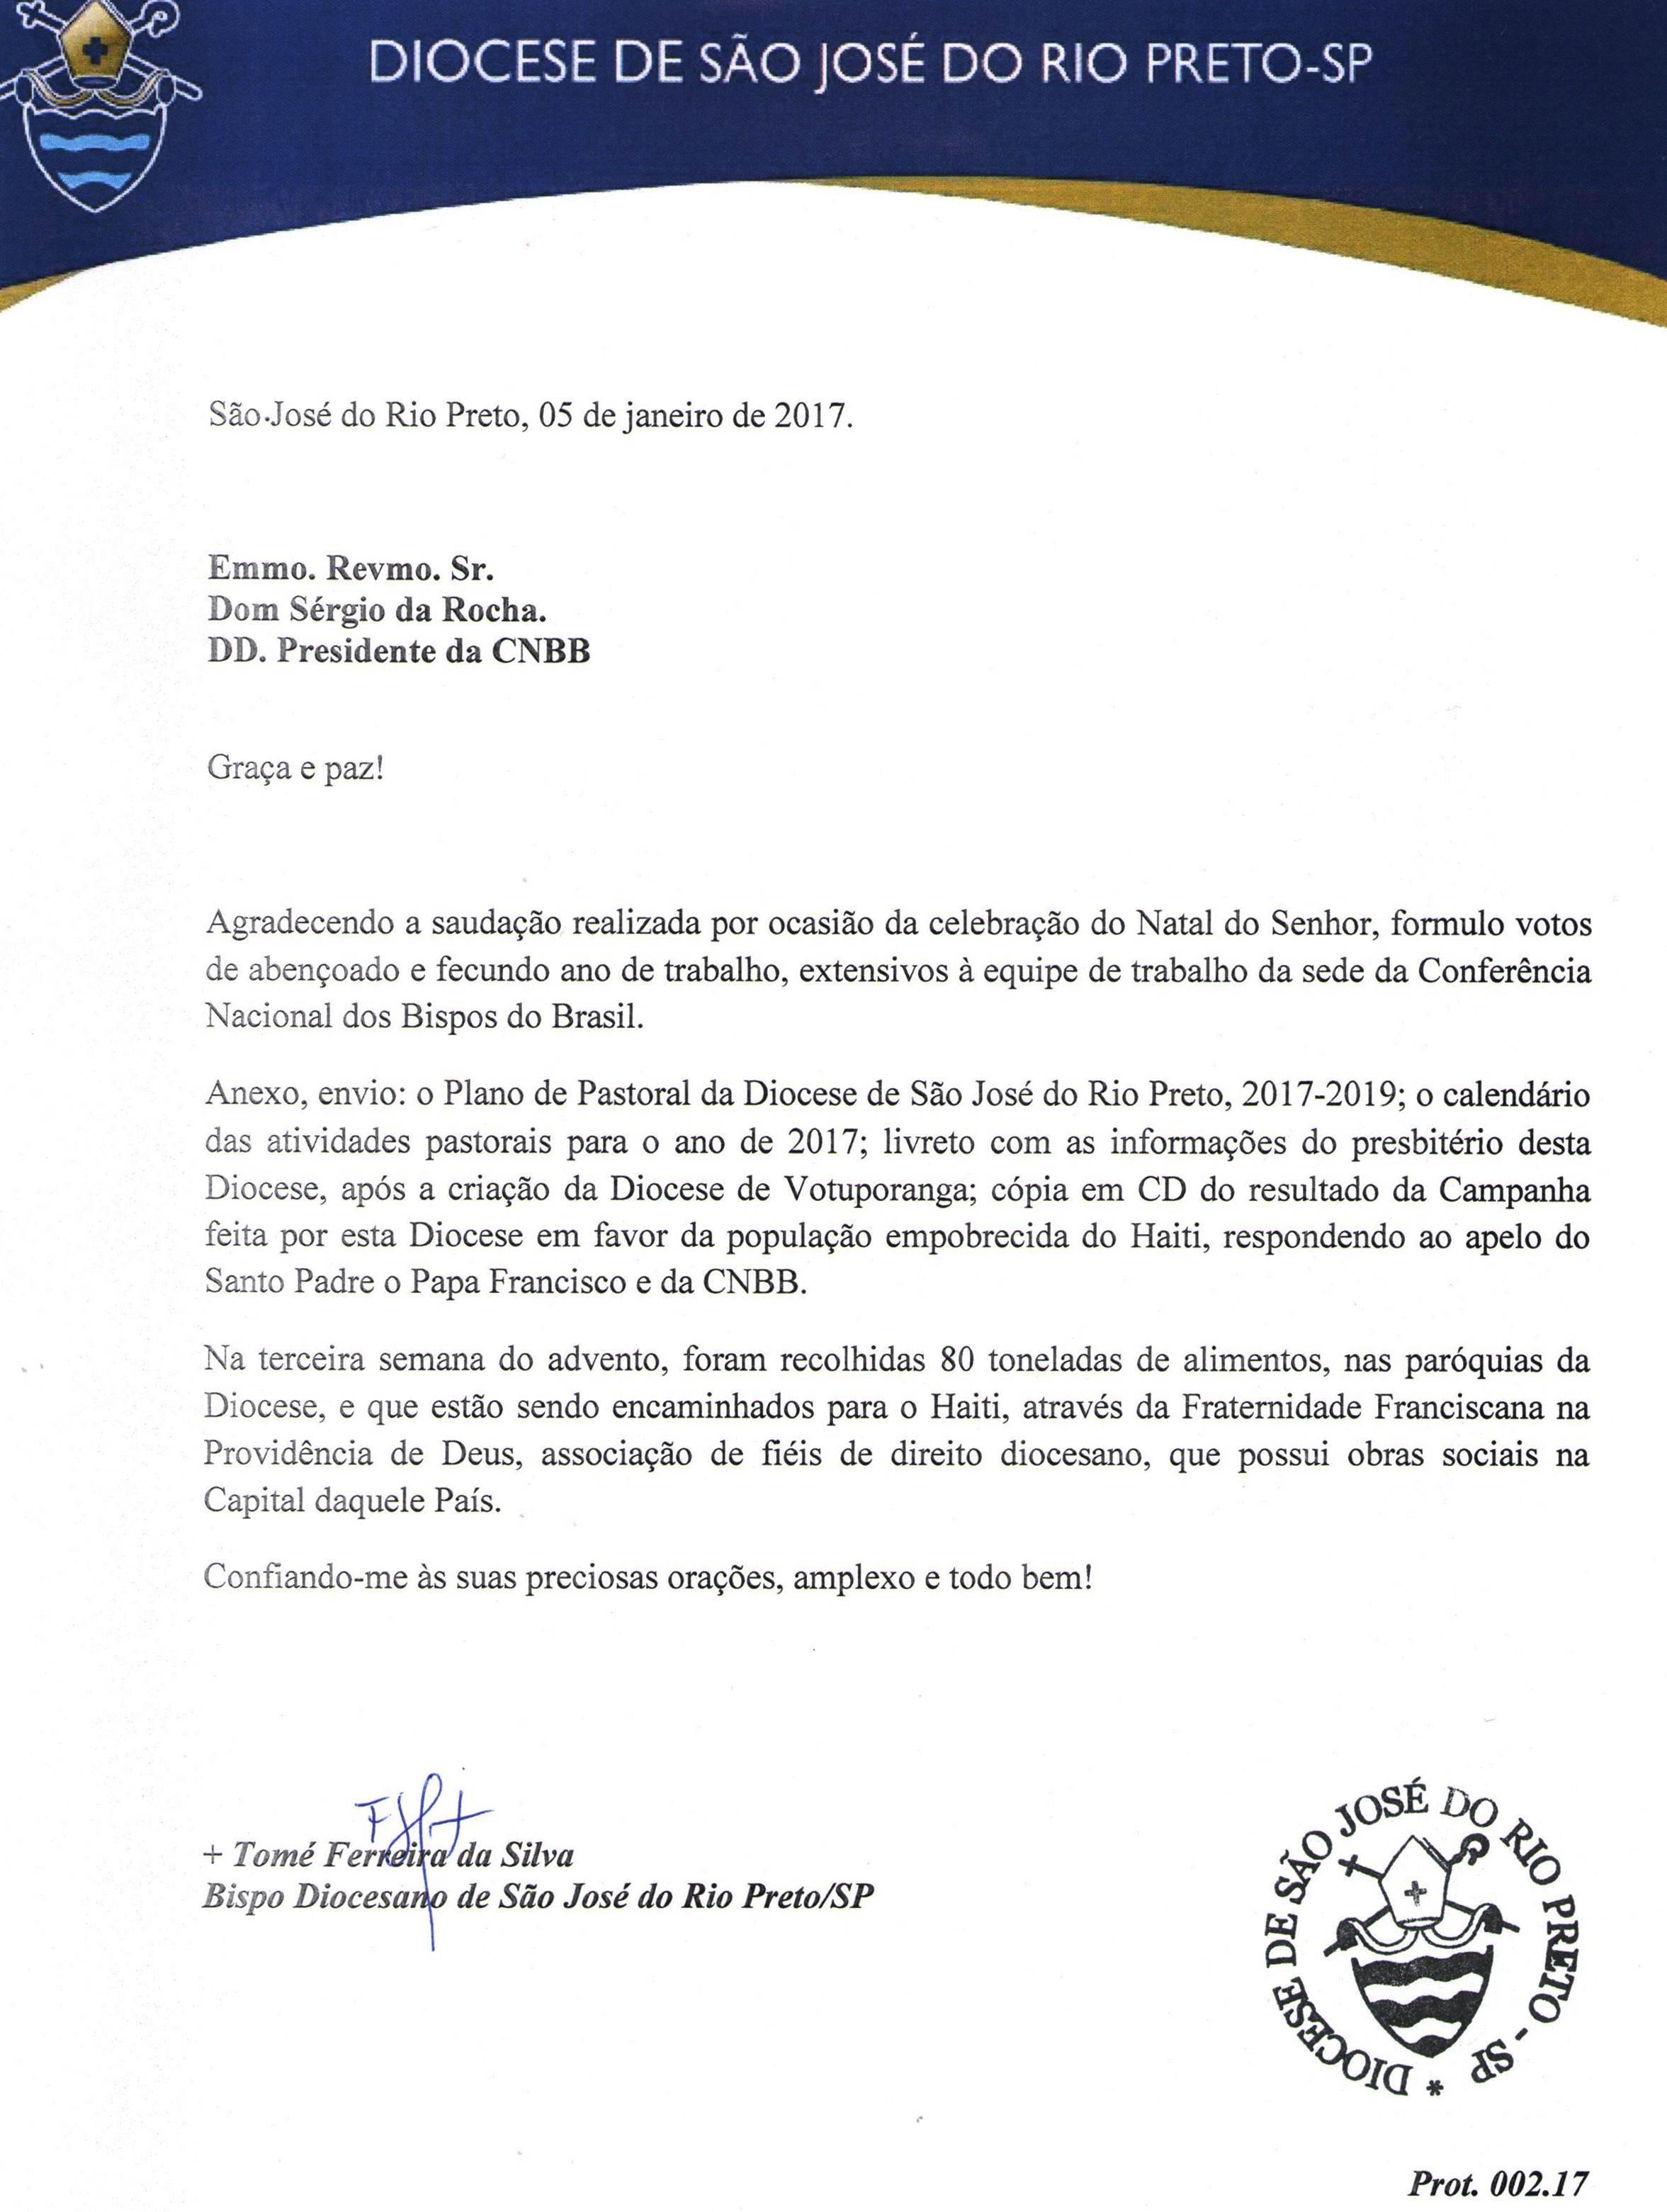 Carta de Dom Tomé a Dom Sérgio da Rocha, Presidente da CNBB